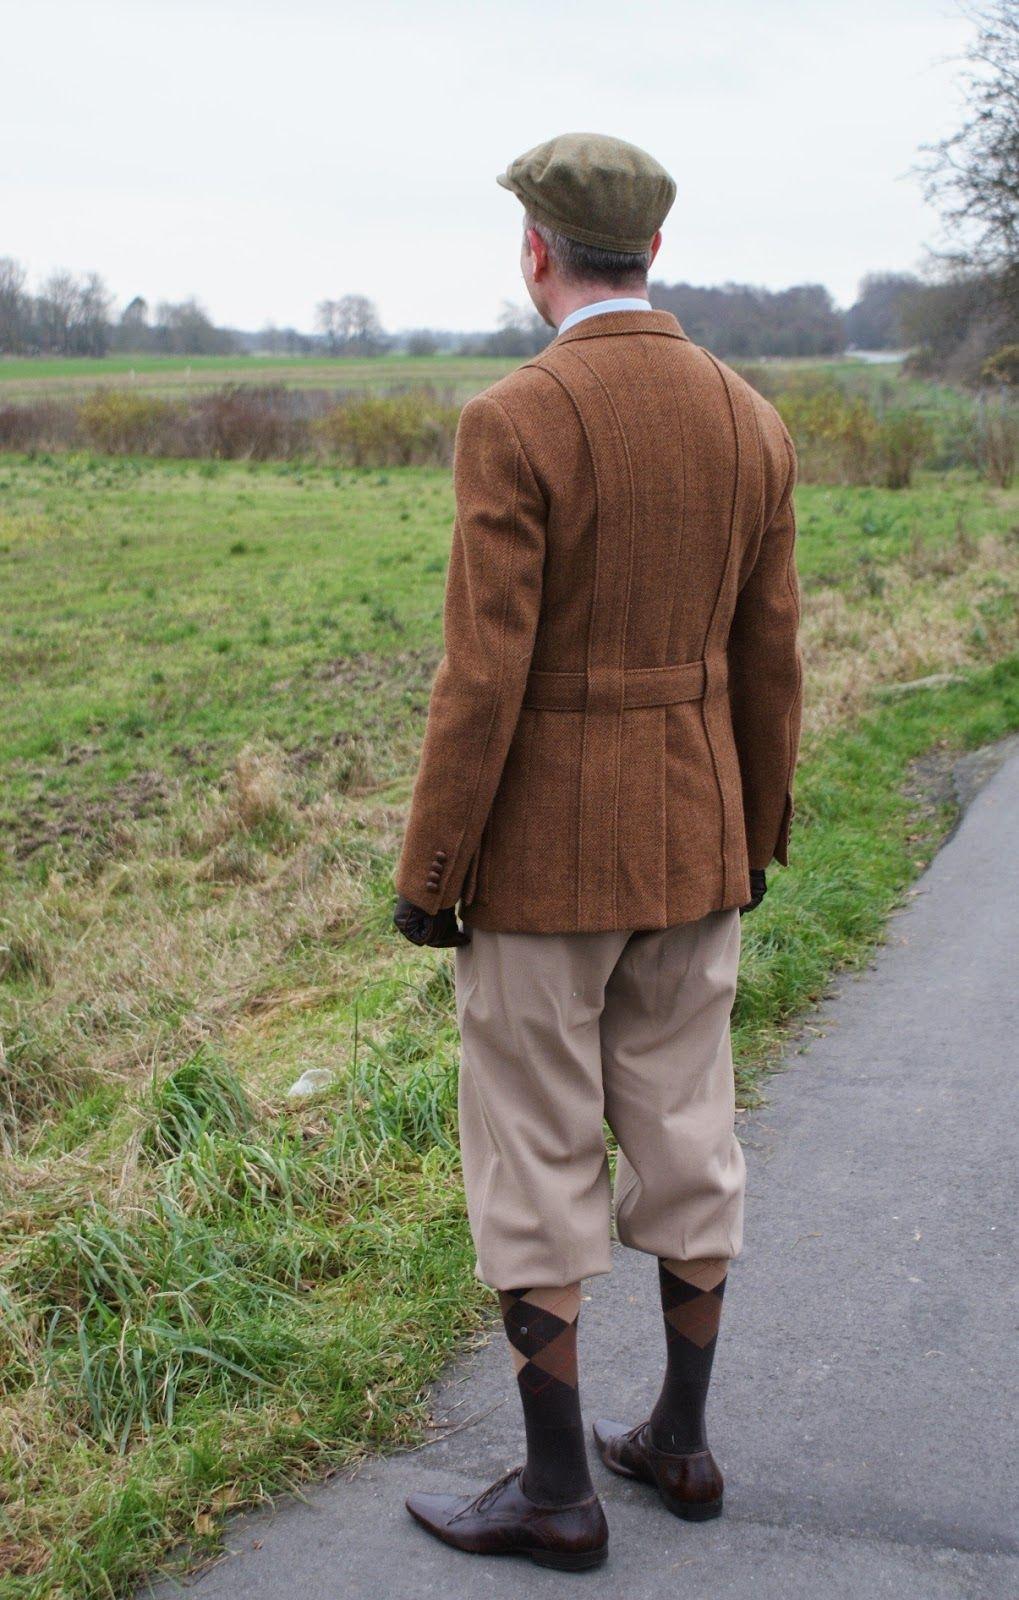 norfolk men Norfolk men say no 910 likes norfolk men stand together against violence and abuse.